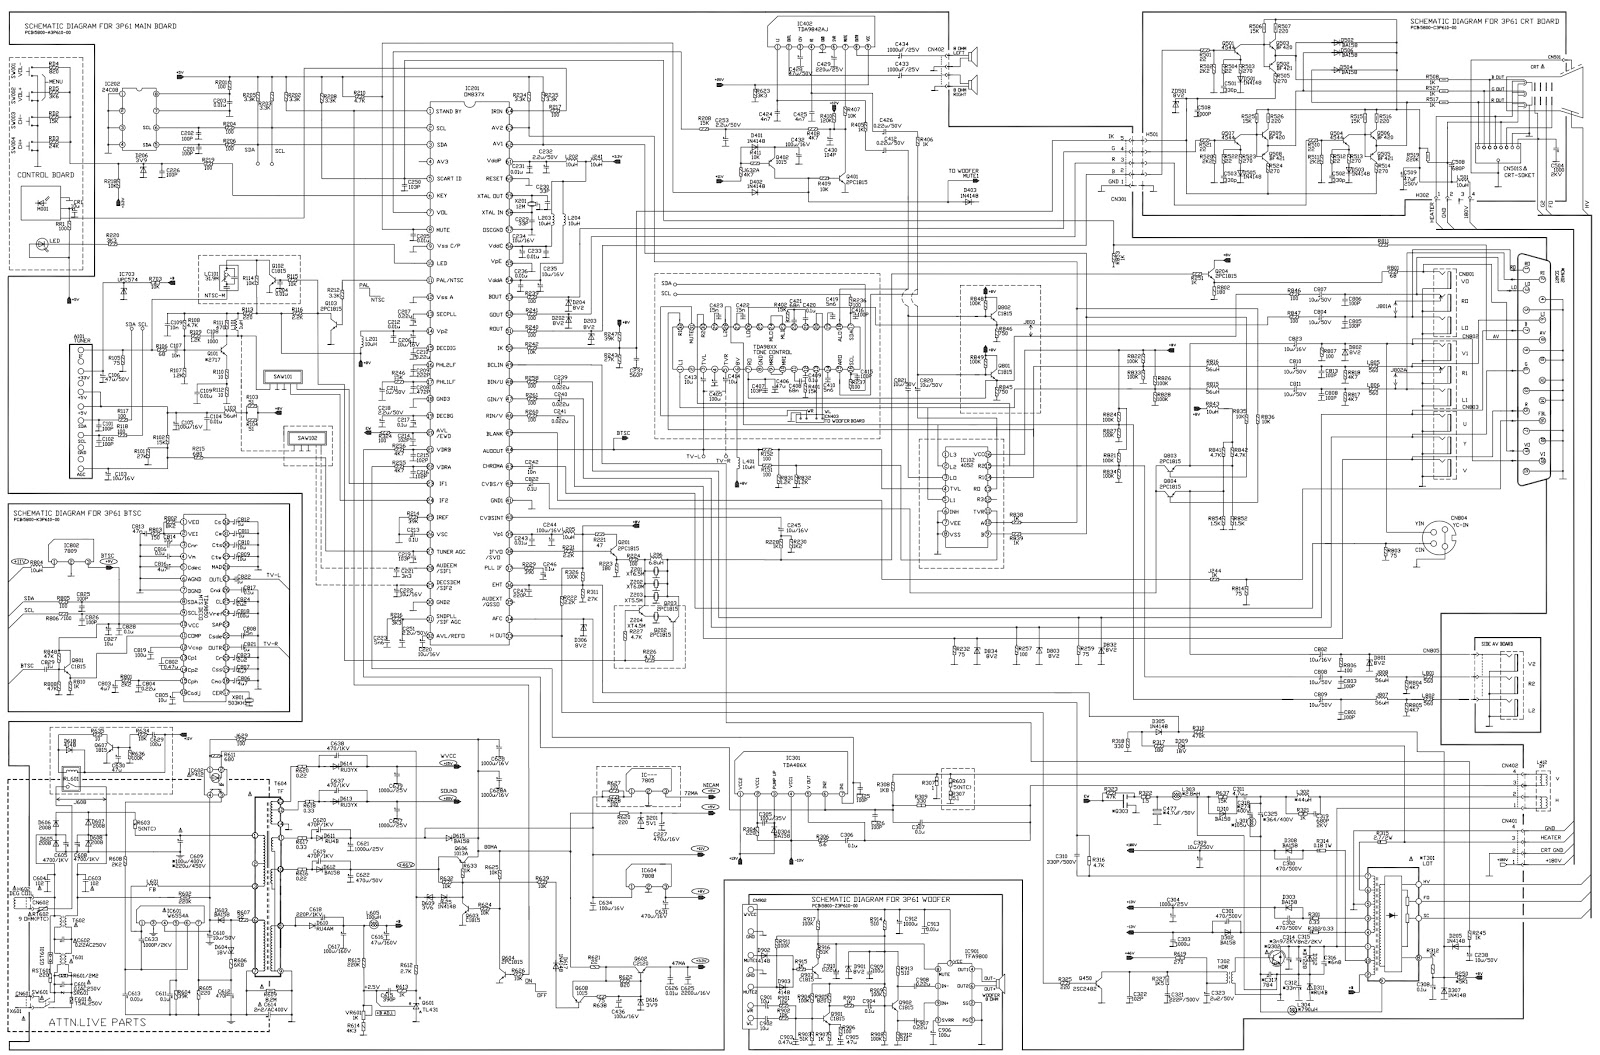 medium resolution of crt tv schematic diagram schematic diagram database philips crt tv schematic diagram crt tv schematic diagram